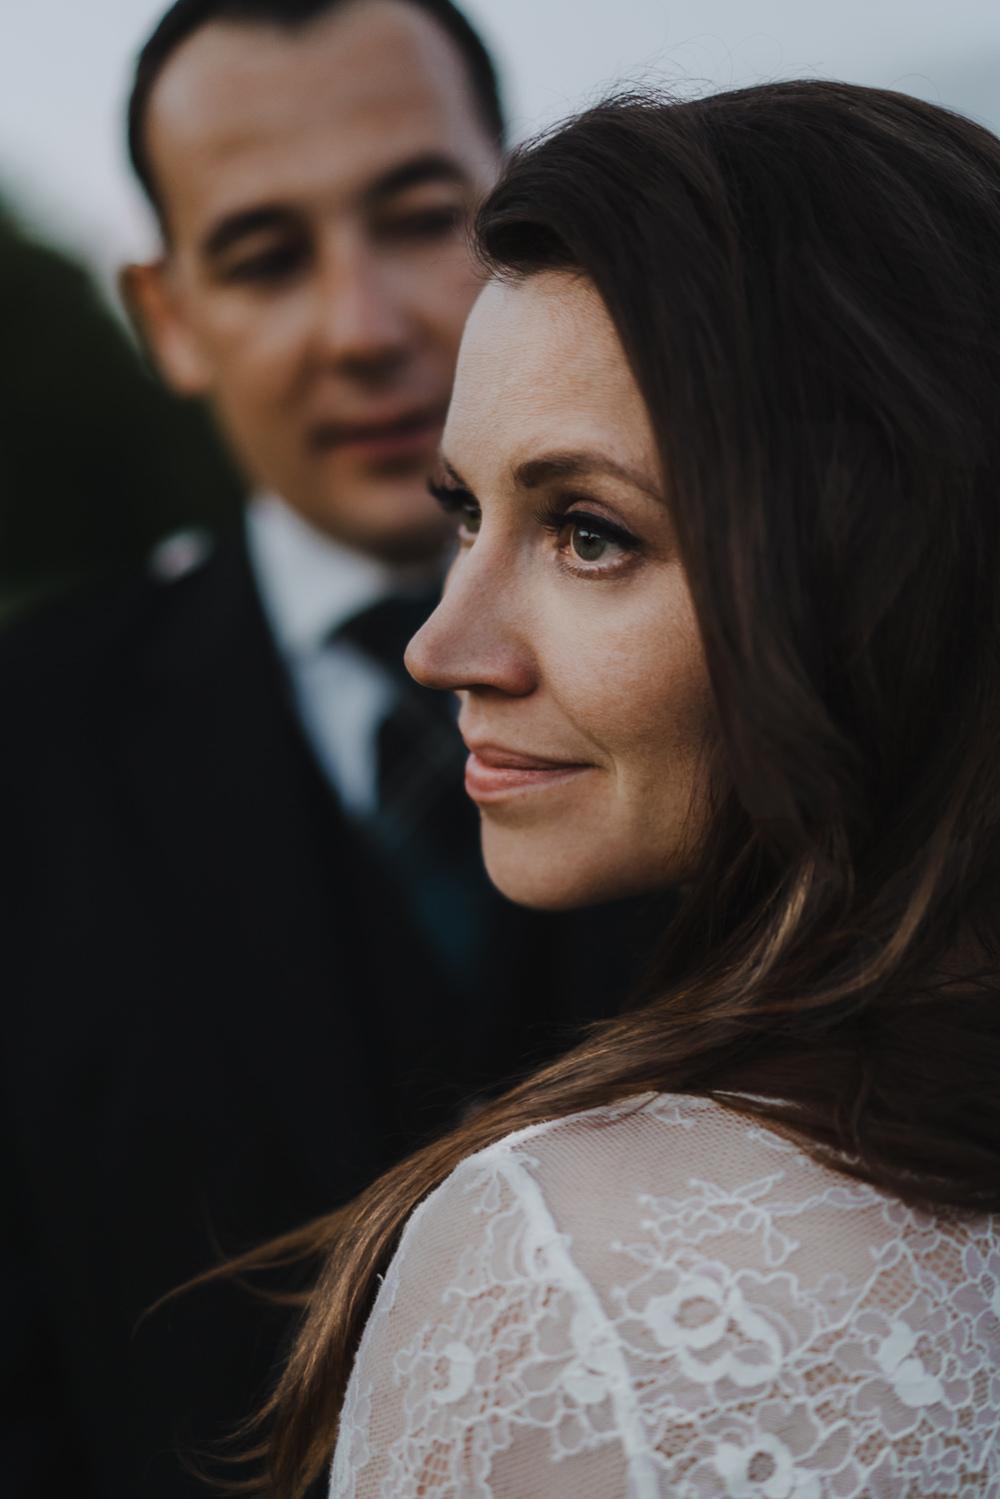 bruidsfotografie-amsterdam-utrecht--aberdeen-mark-hadden-wedding-photography-lynne-steve-356.jpg